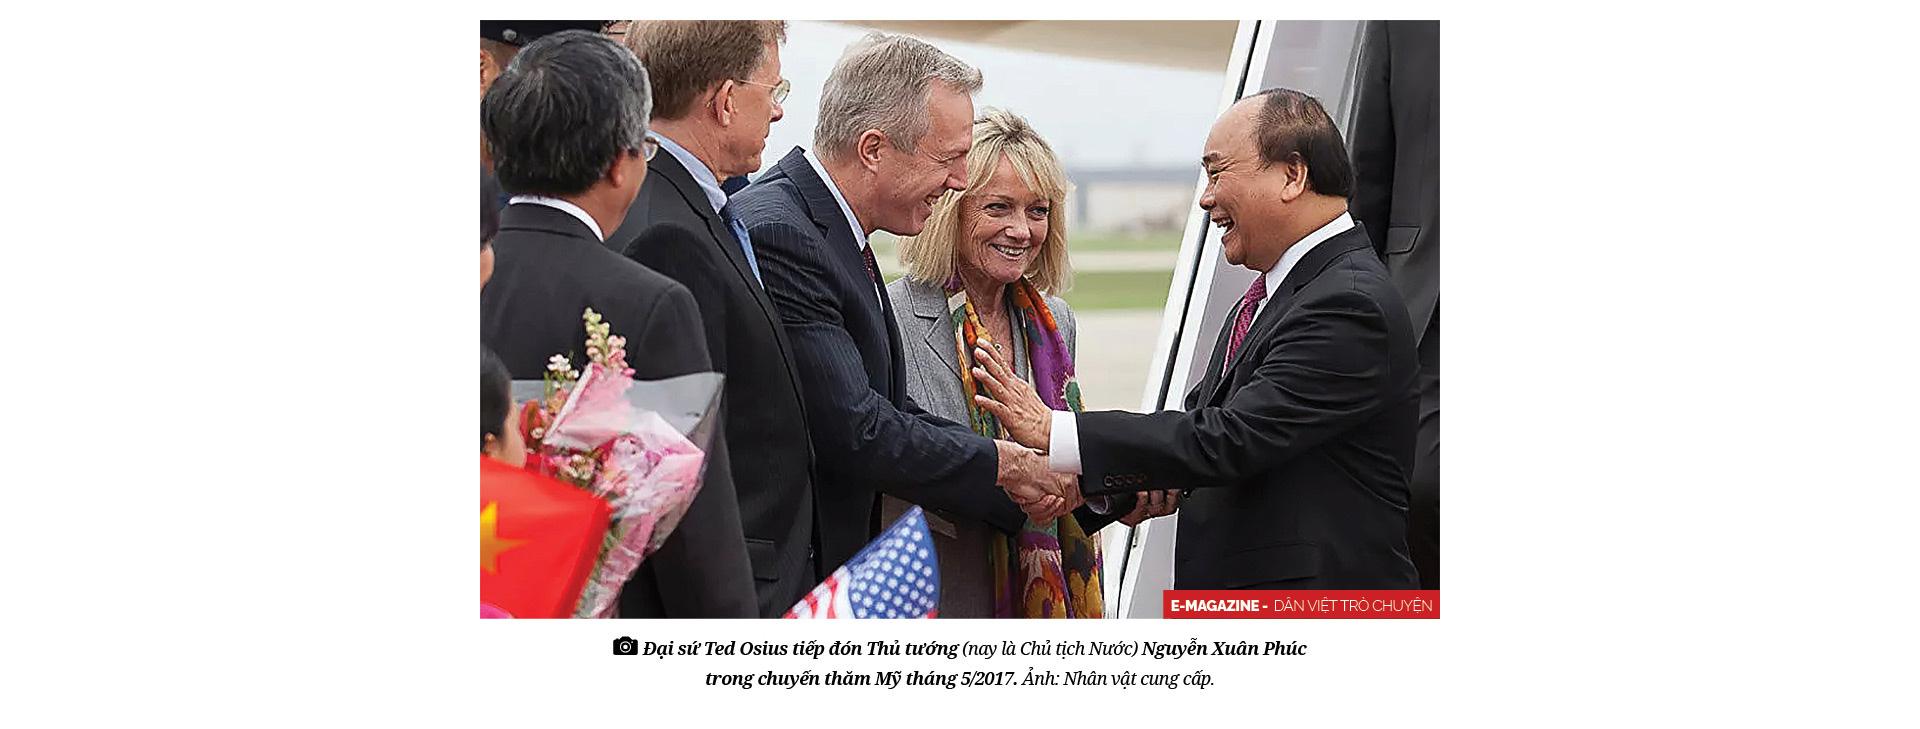 Cựu Đại sứ Mỹ tại Việt Nam Ted Osius: Hòa giải Việt Mỹ - Không gì là không thể - Ảnh 5.